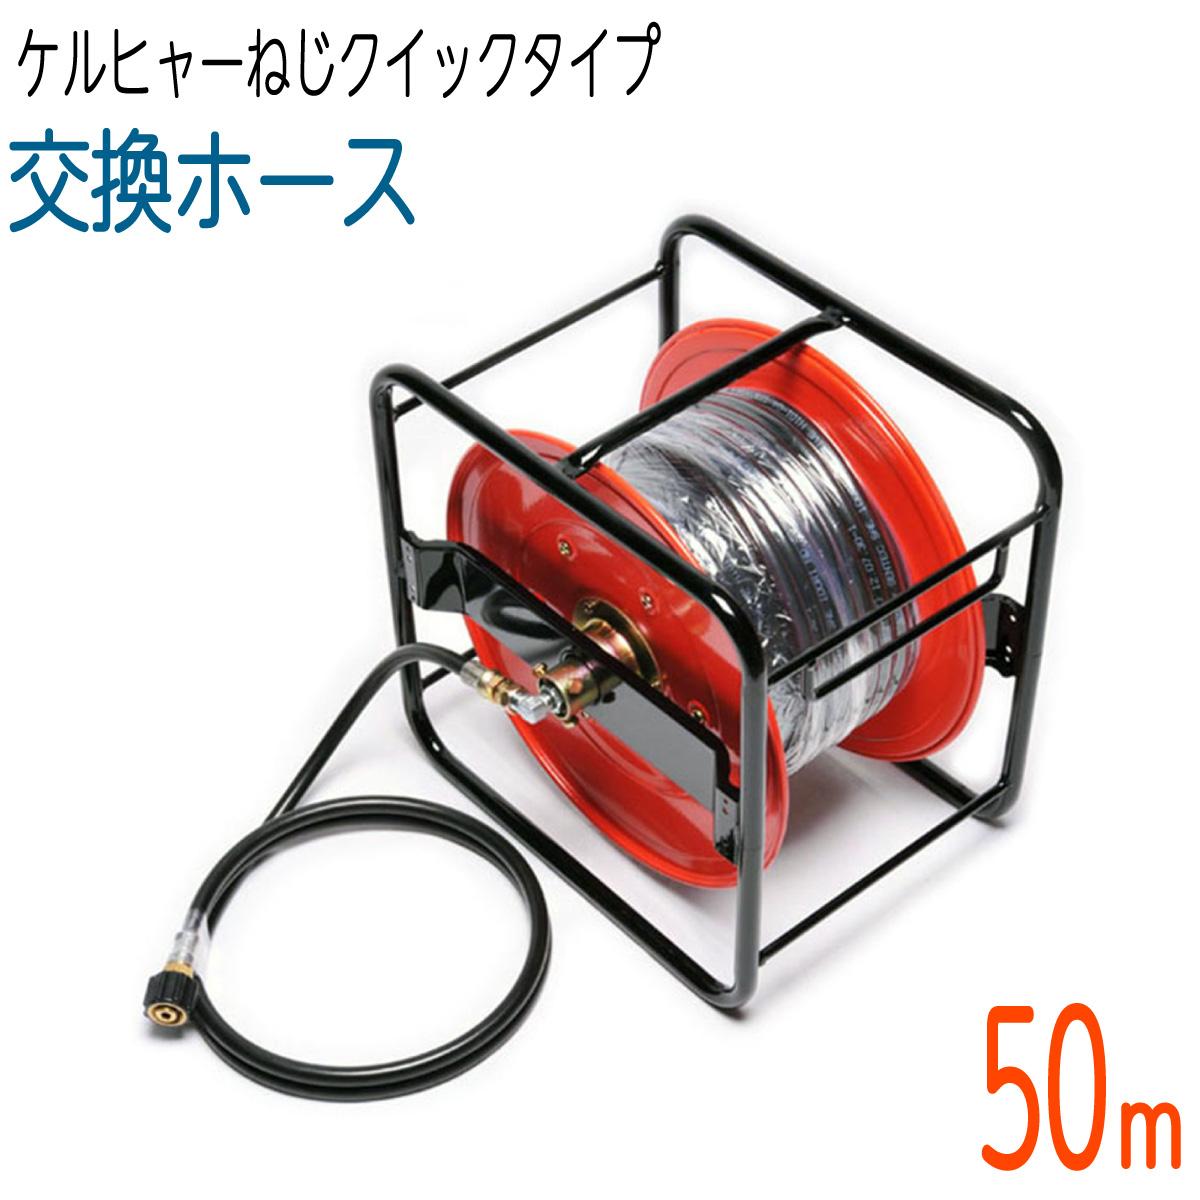 50Mリール巻き ケルヒャー 互換 交換用 ガン側スイベル付き ねじクイックタイプ 高圧洗浄機ホース 無料 内祝い コンパクトホース